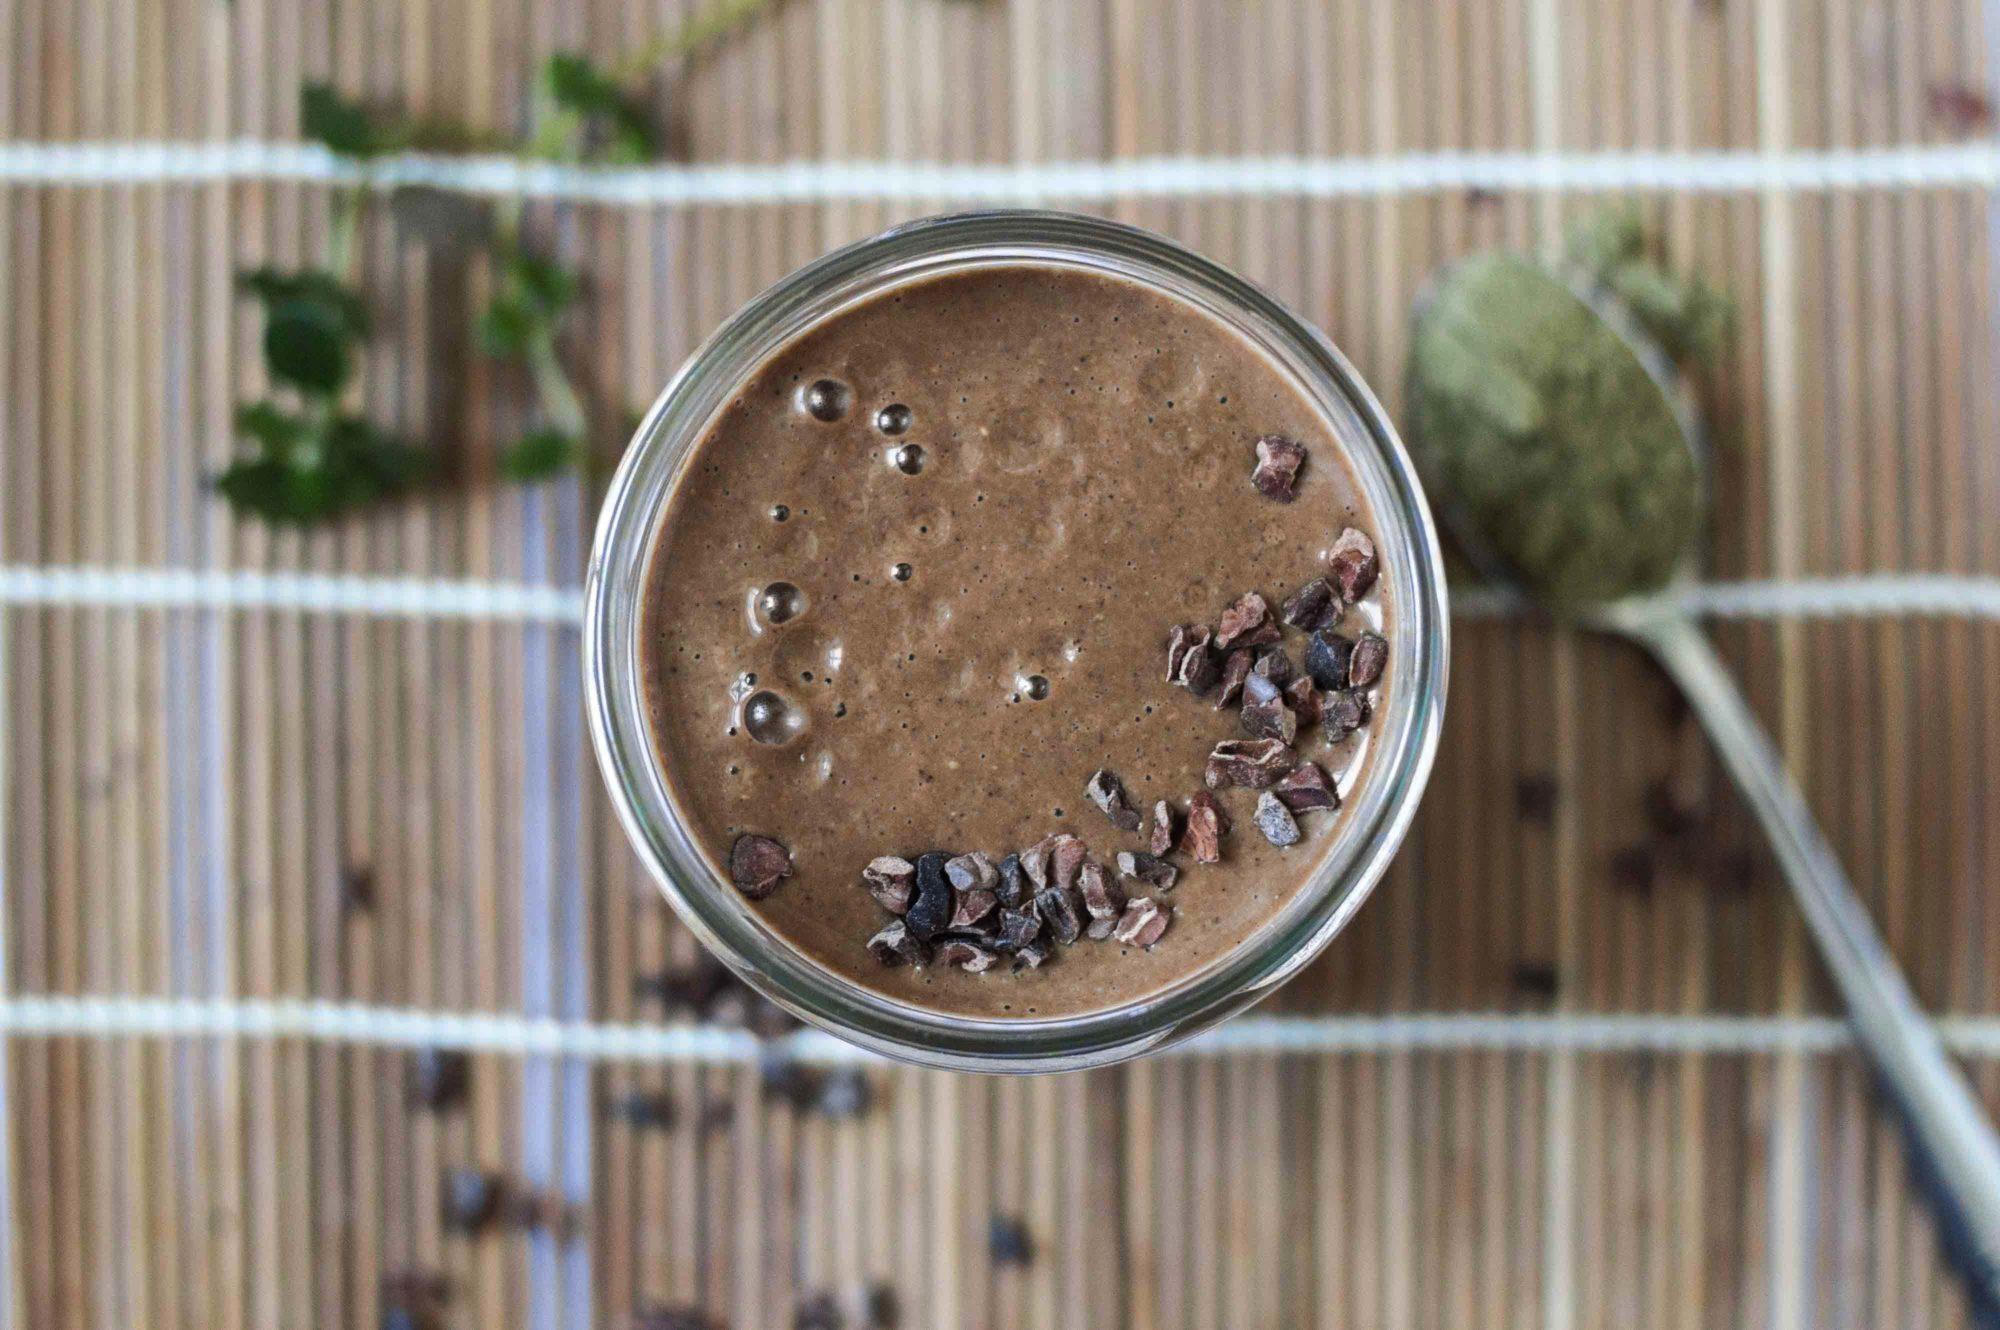 Veganer Superfood Schokoladen Smoothie Carob Hanf Kakao Carobpulver Hanfpulver Vegan Gluten-Frei Banane Erdnussbutter Sojamilch